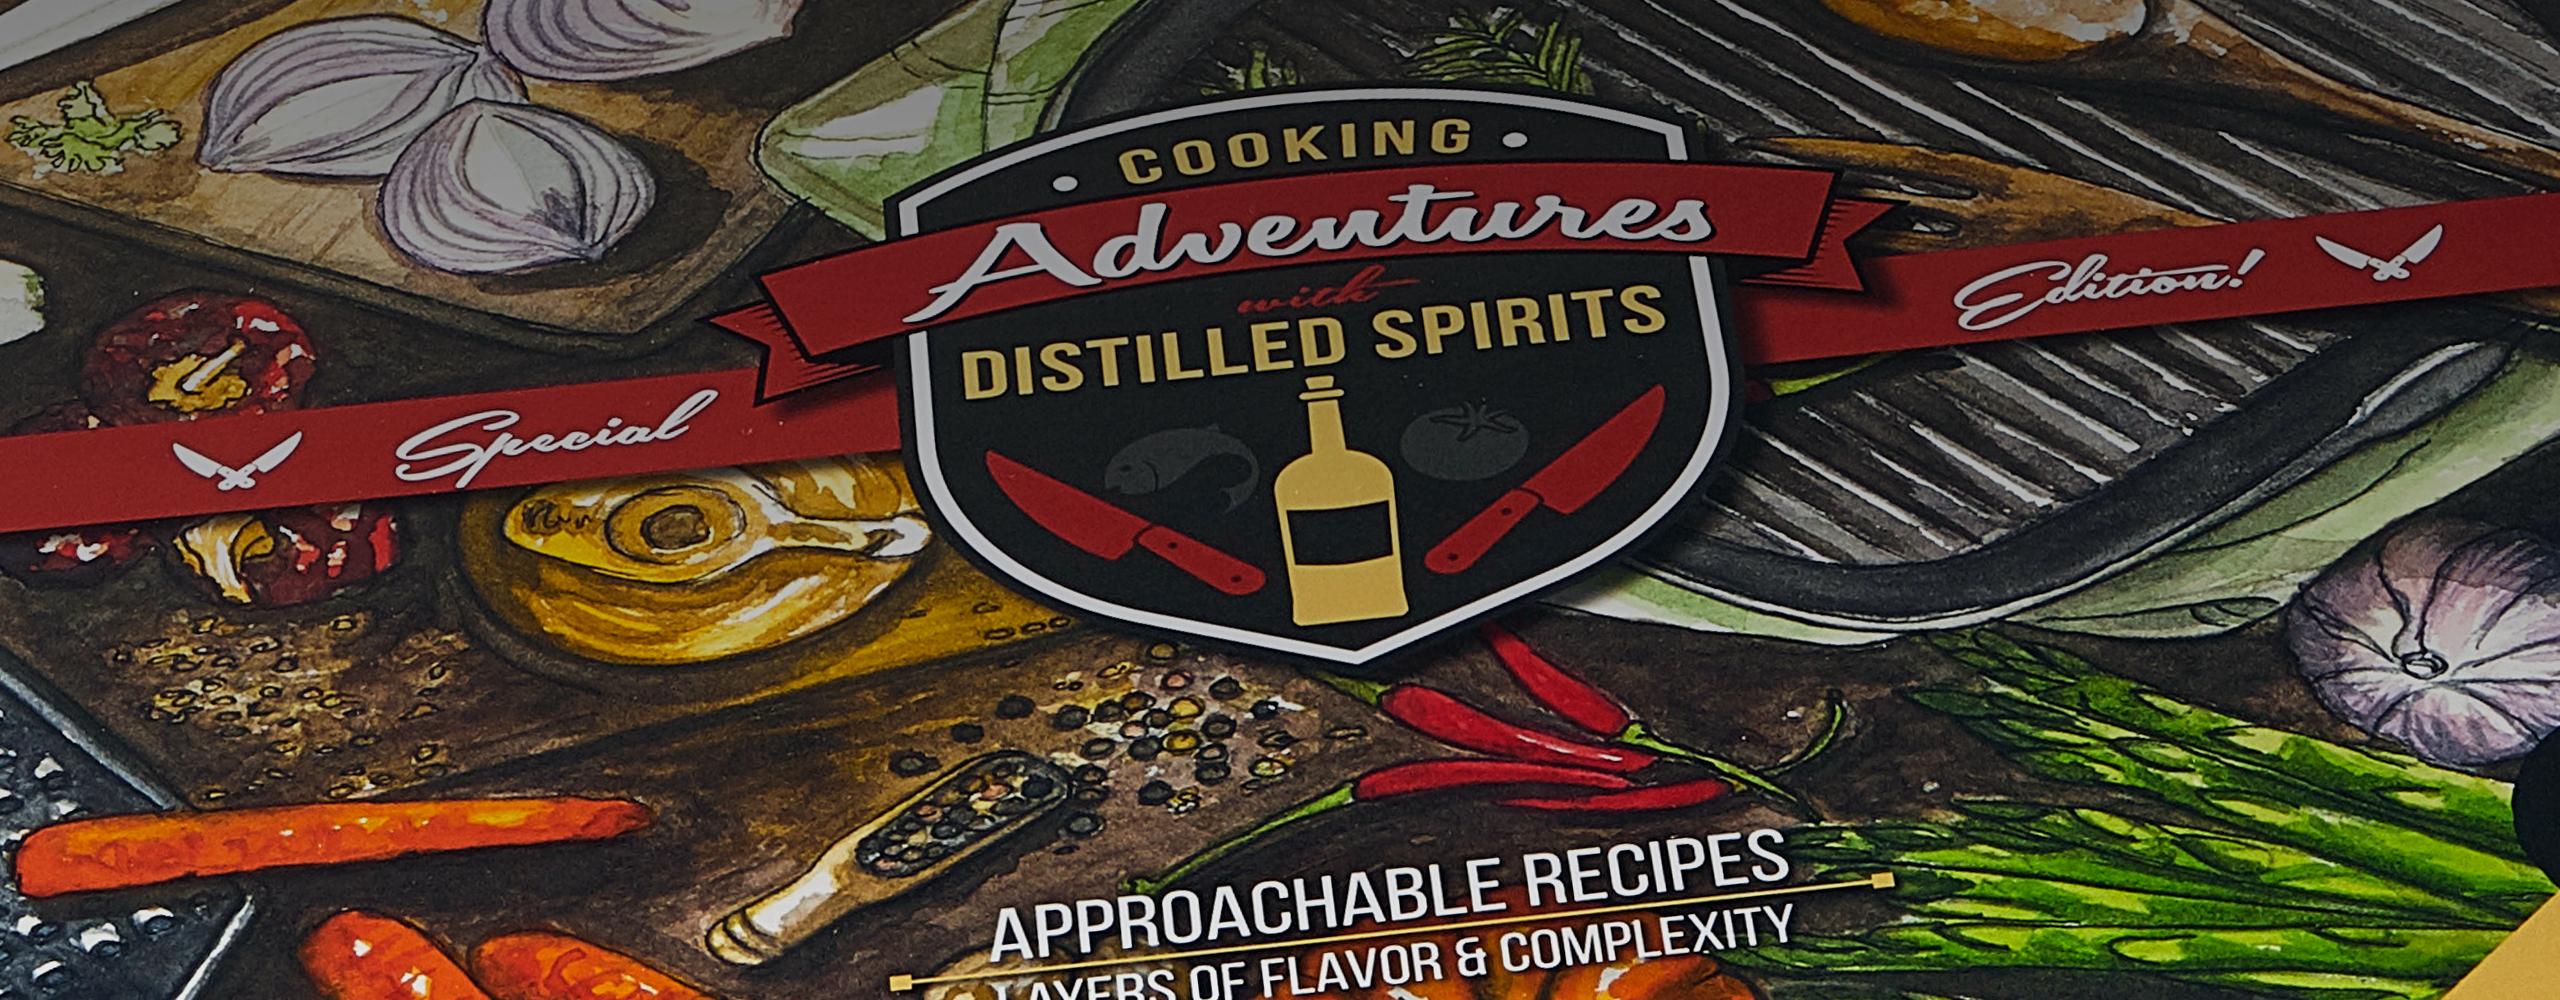 award winning butter & bacon distilled spirits recipe book